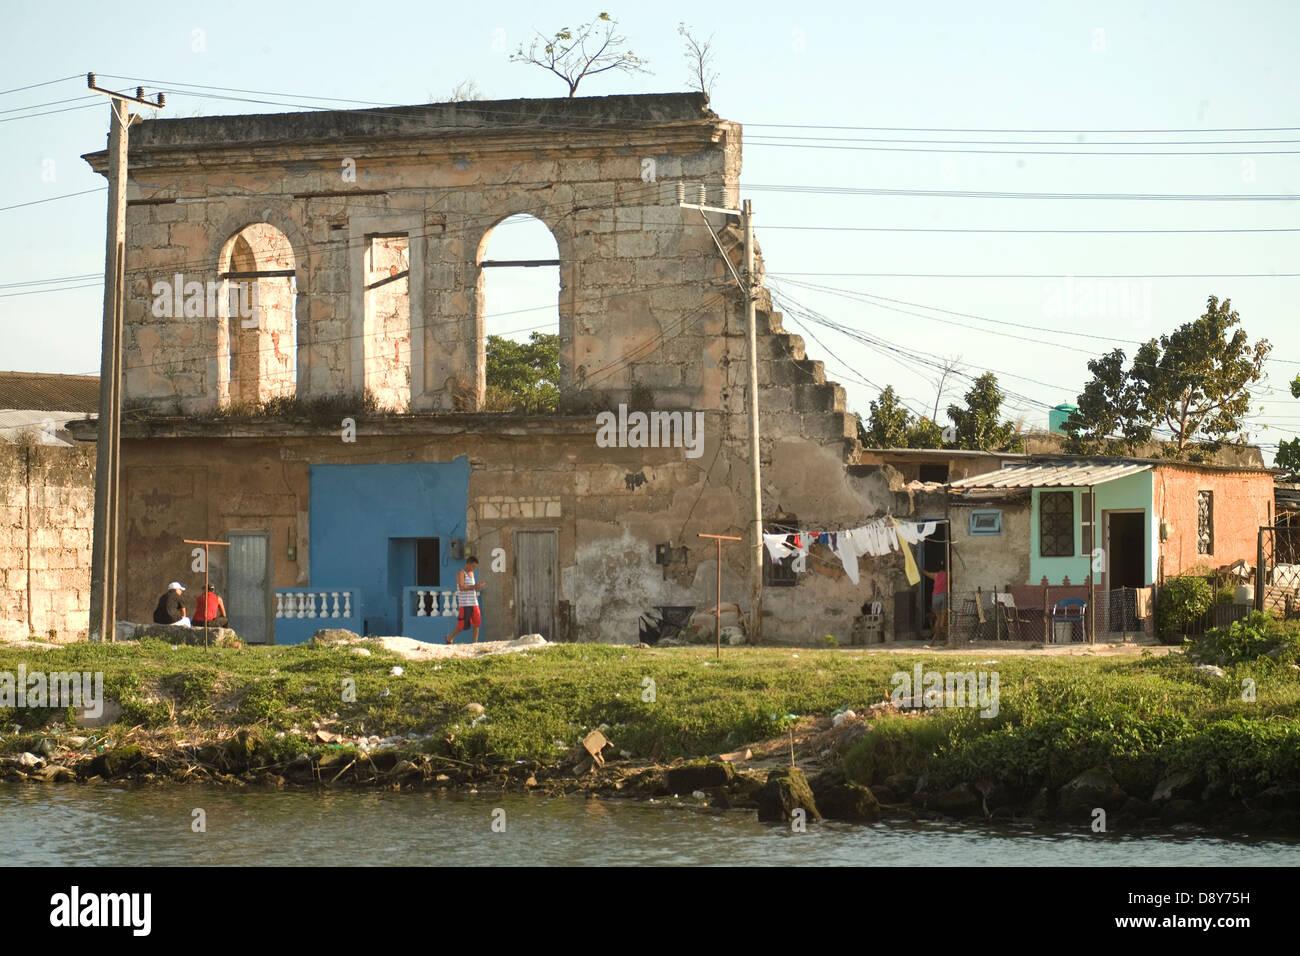 Matanzas Matanzas province two rivers bridges Cuidad de los puentes barrios cabildos Rio Yumuri literature architecture - Stock Image